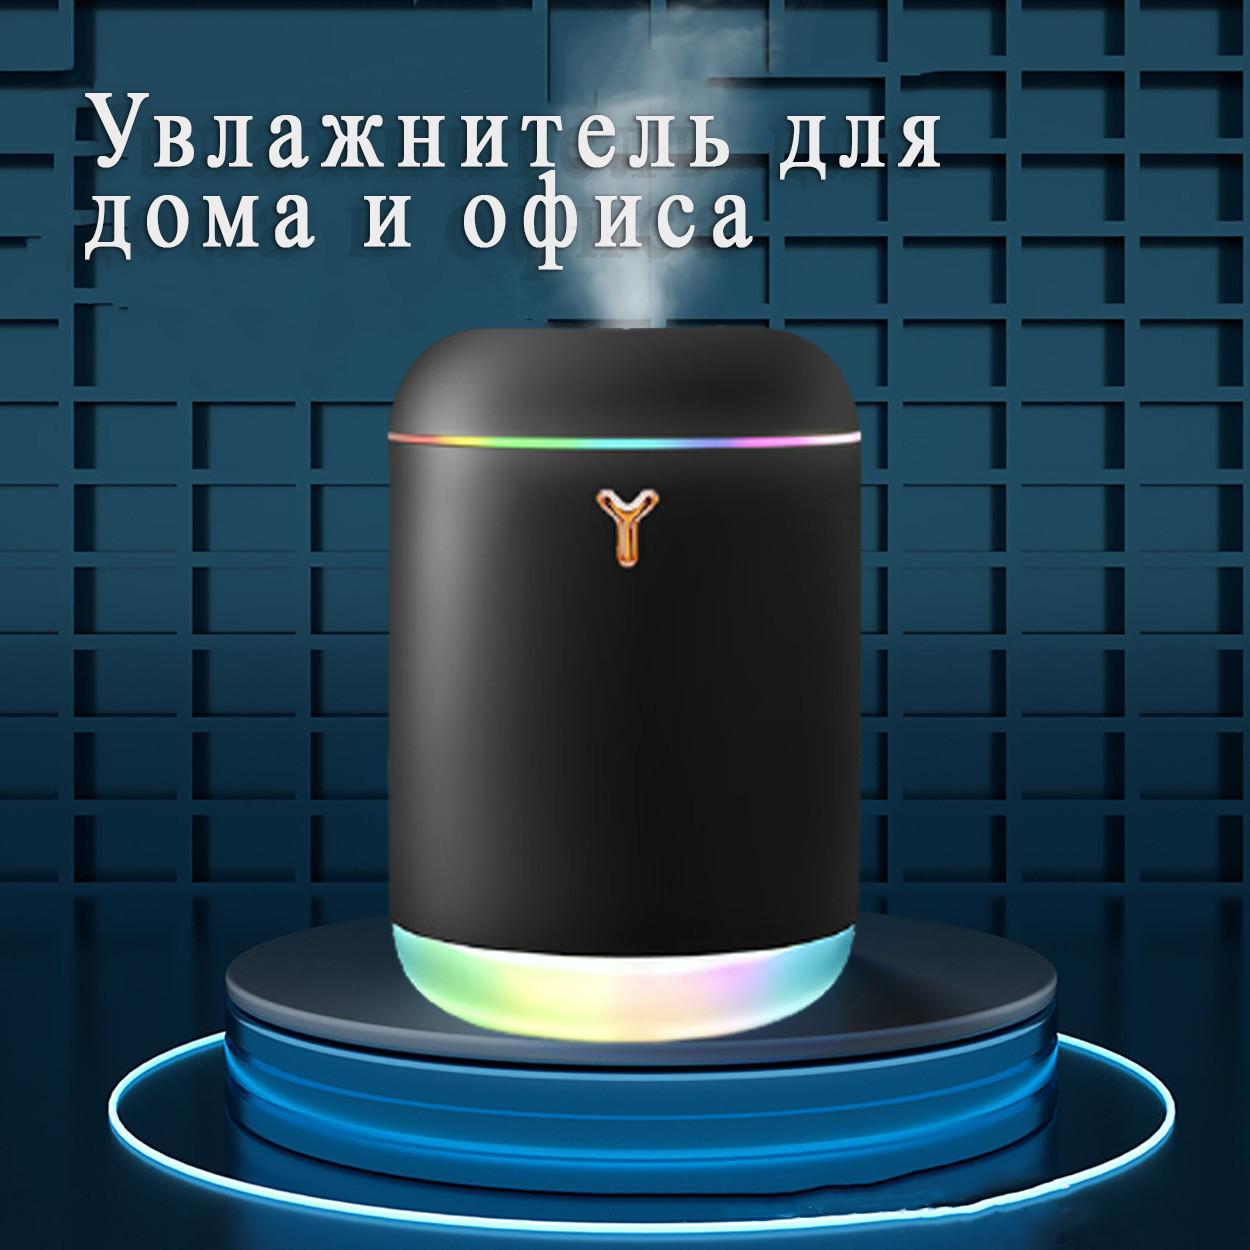 Увлажнитель воздуха ультразвуковой Wi-Y USB увлажнитель диффузор с подсветкой 1000 мл. Черный